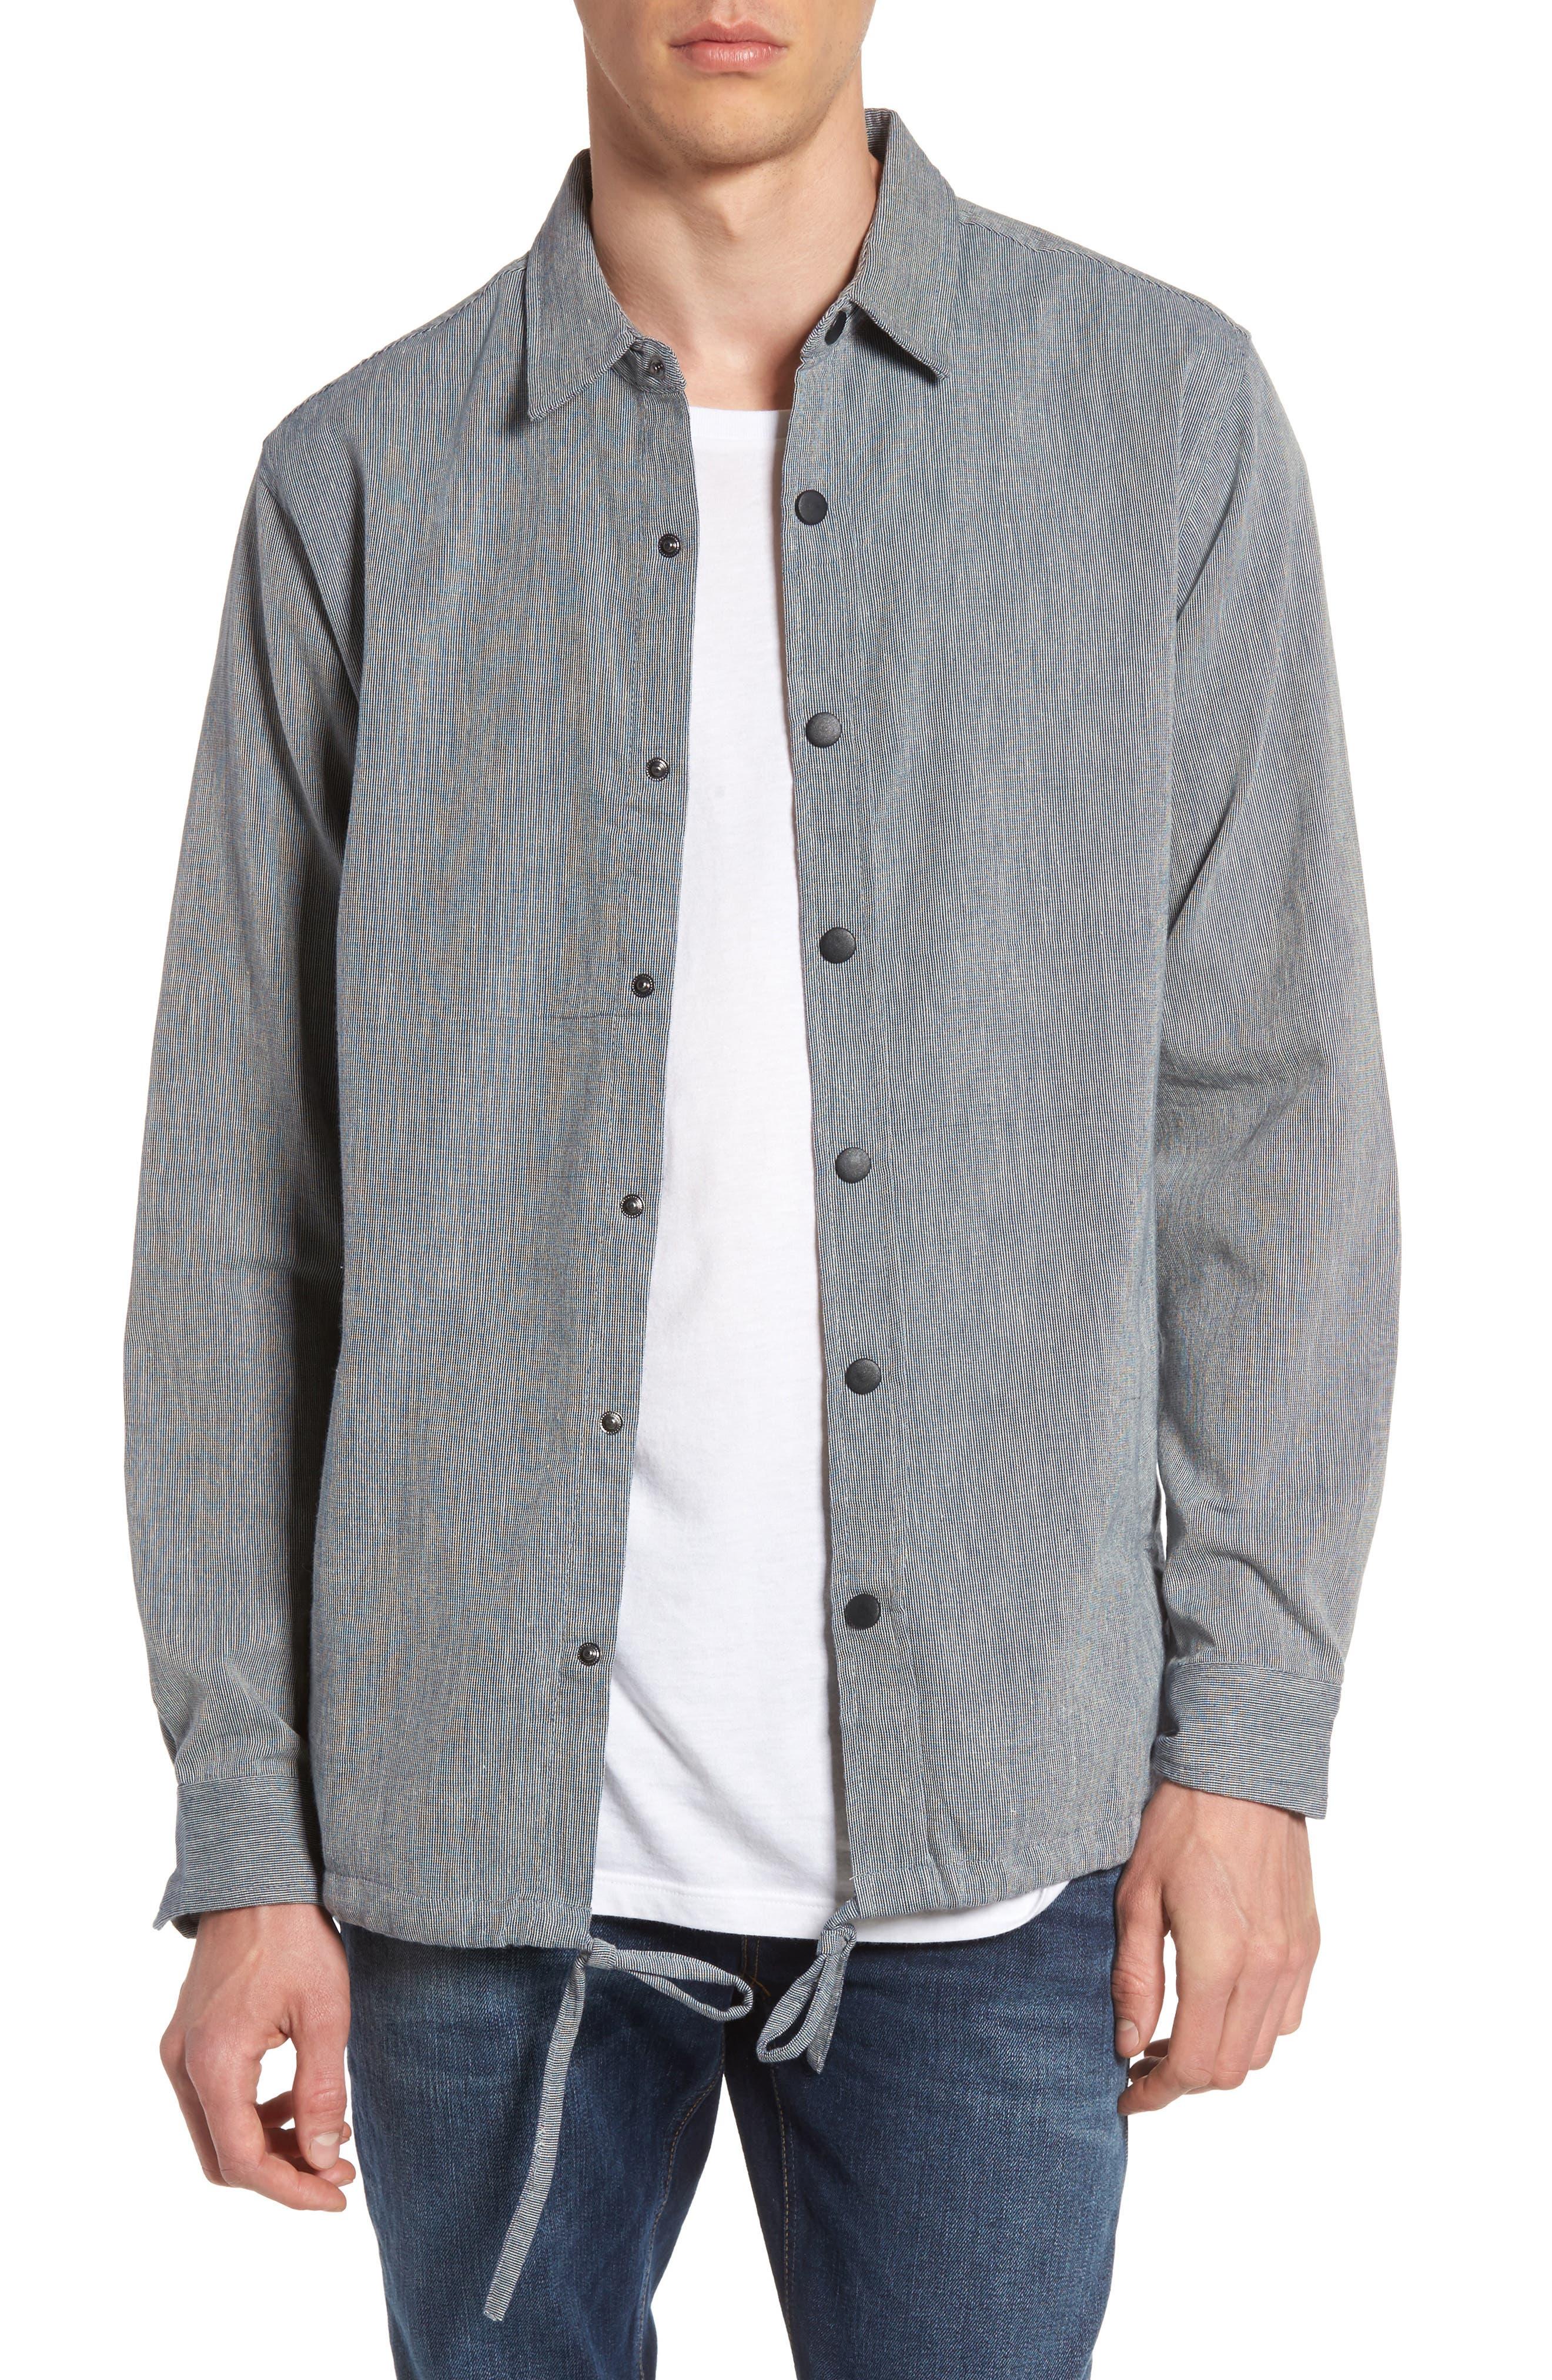 Ezekiel Textured Cotton Coach's Jacket